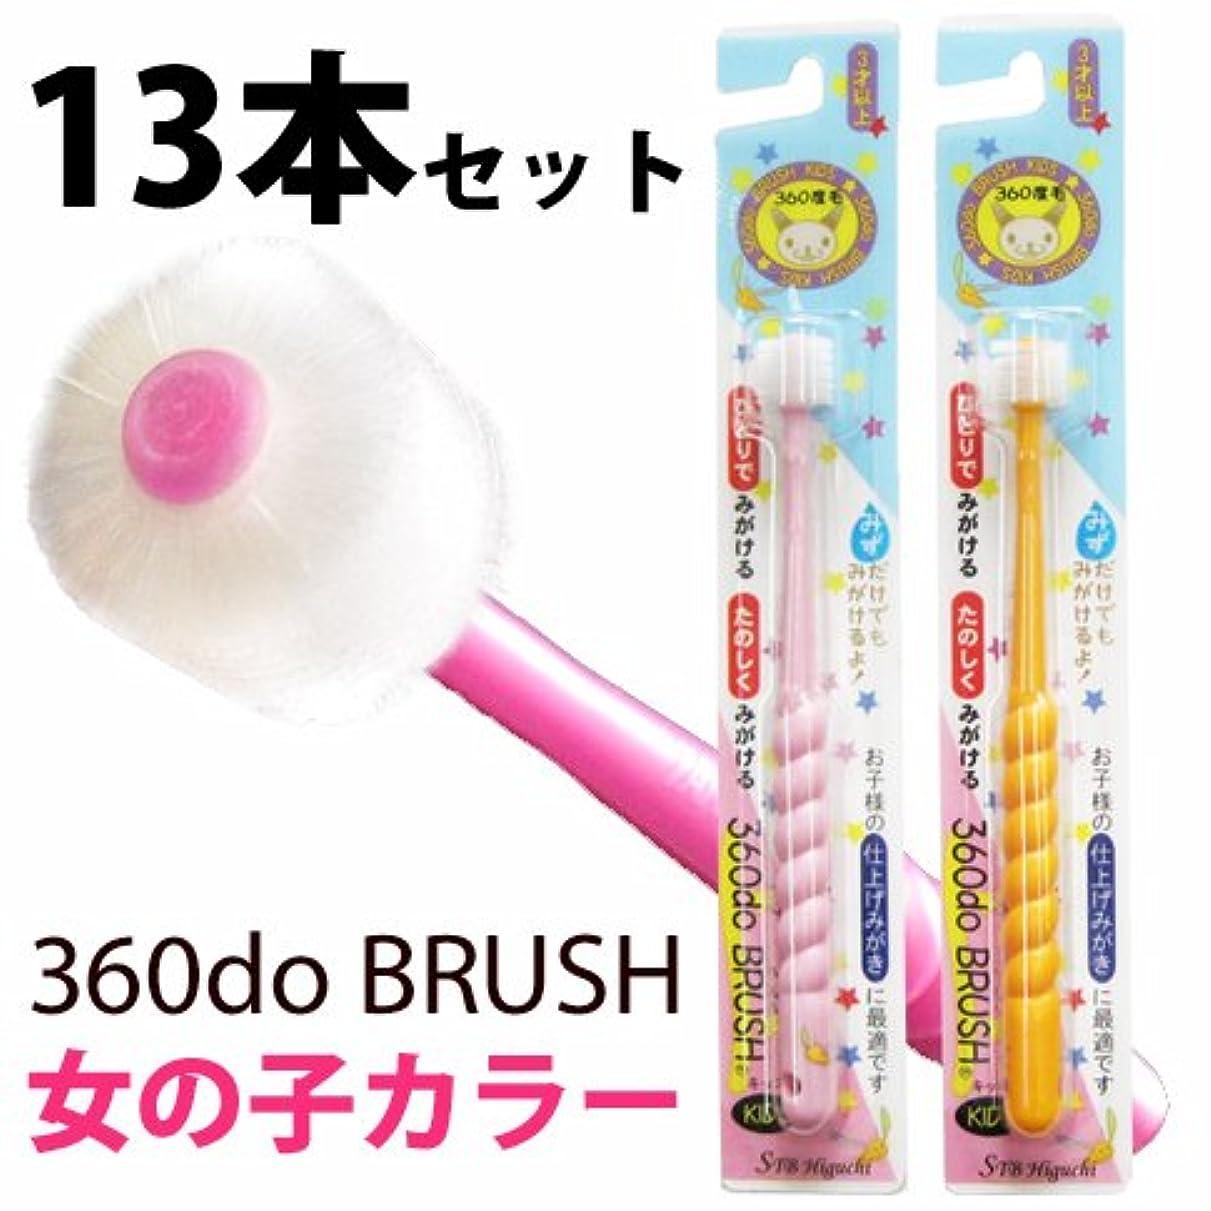 環境に優しい縁斧360do BRUSH 360度歯ブラシ キッズ 女の子用 13本セット